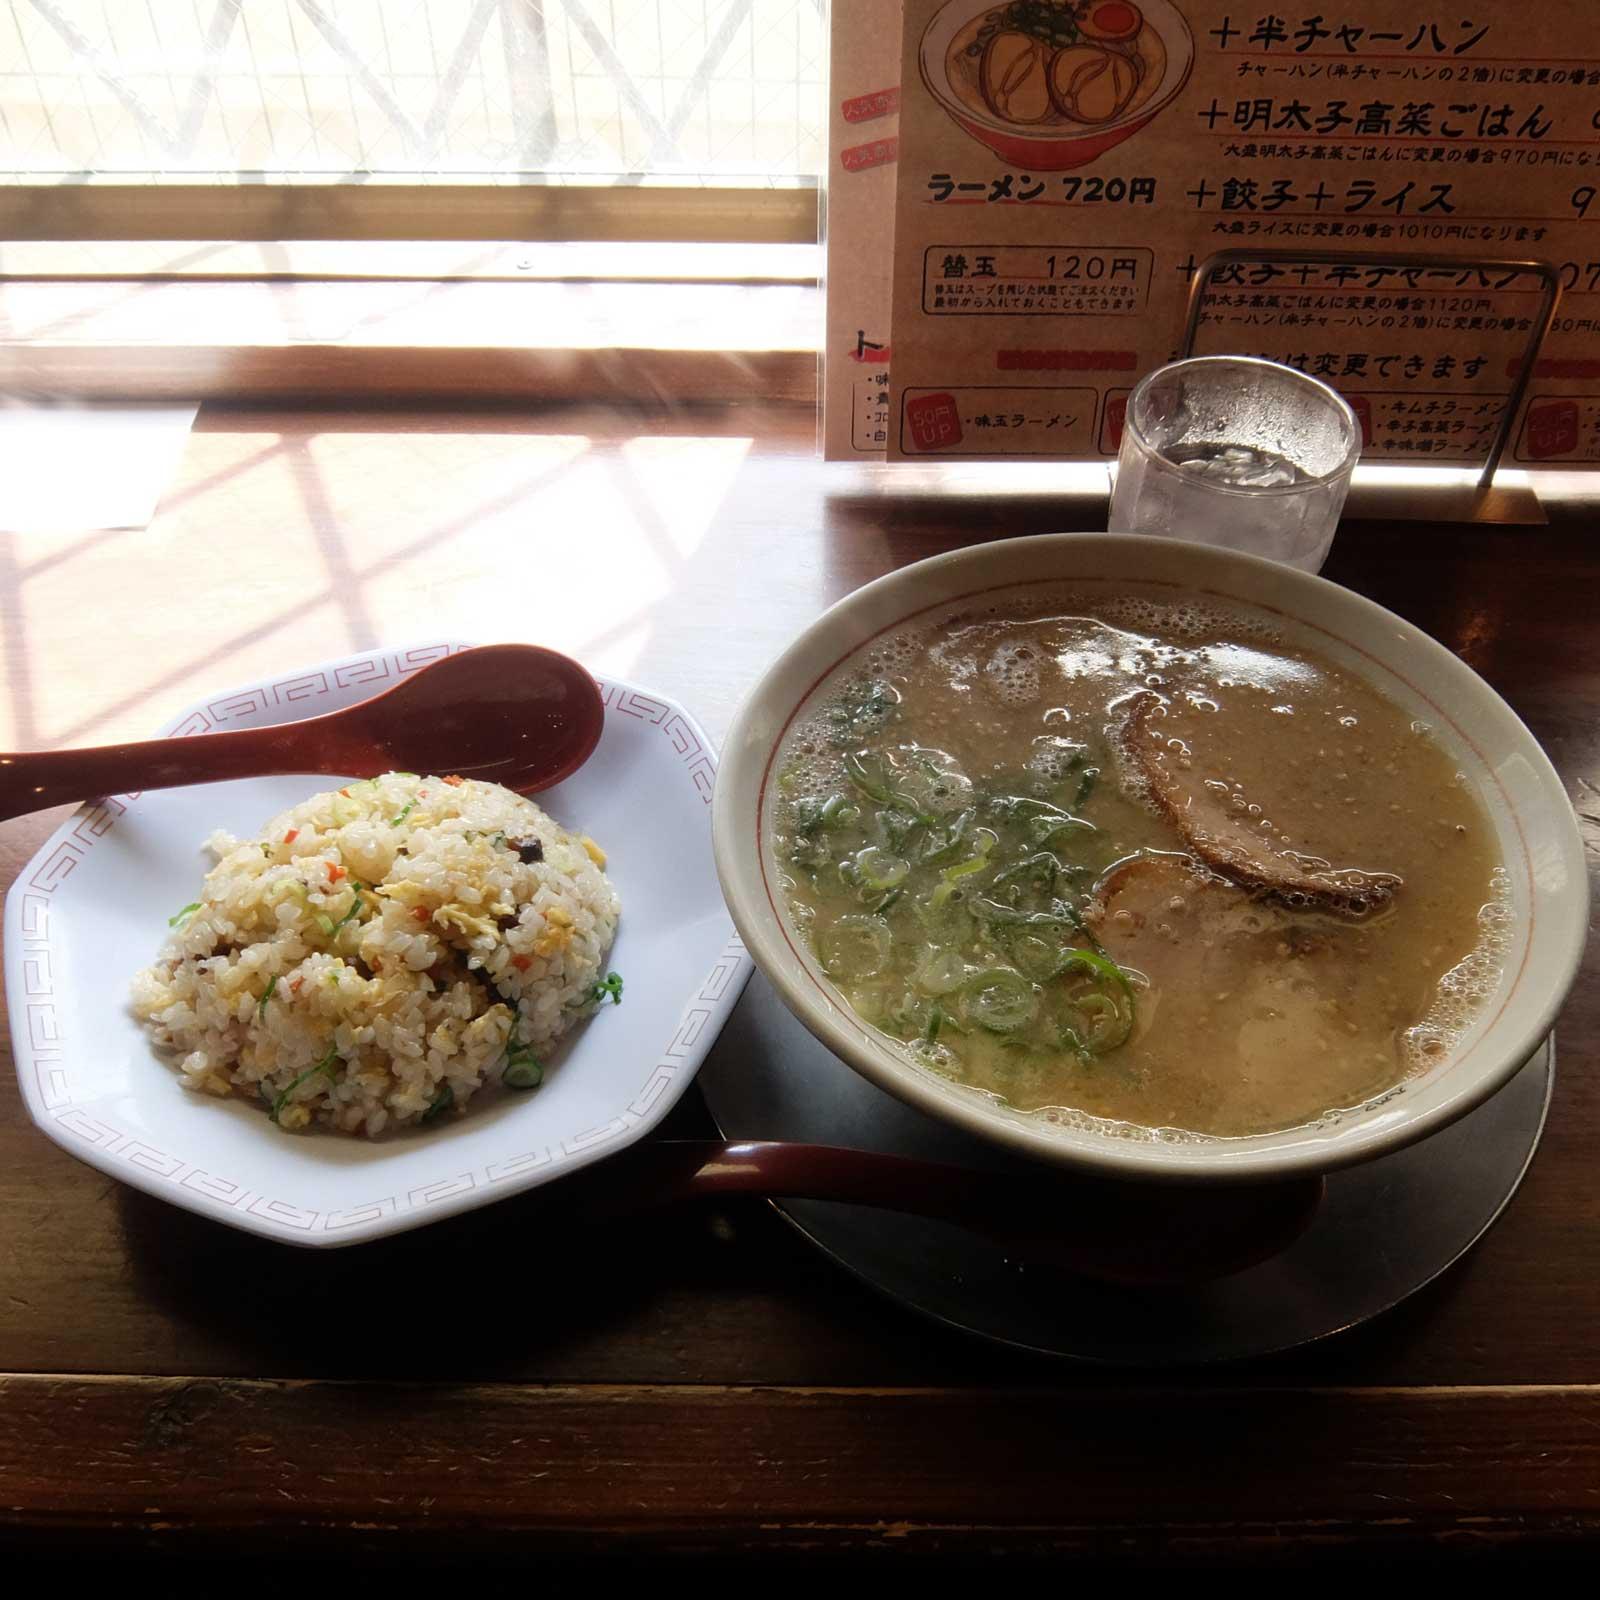 ラーメン+半チャーハン「九州ラーメン 片岡製作所」in 福島 大阪